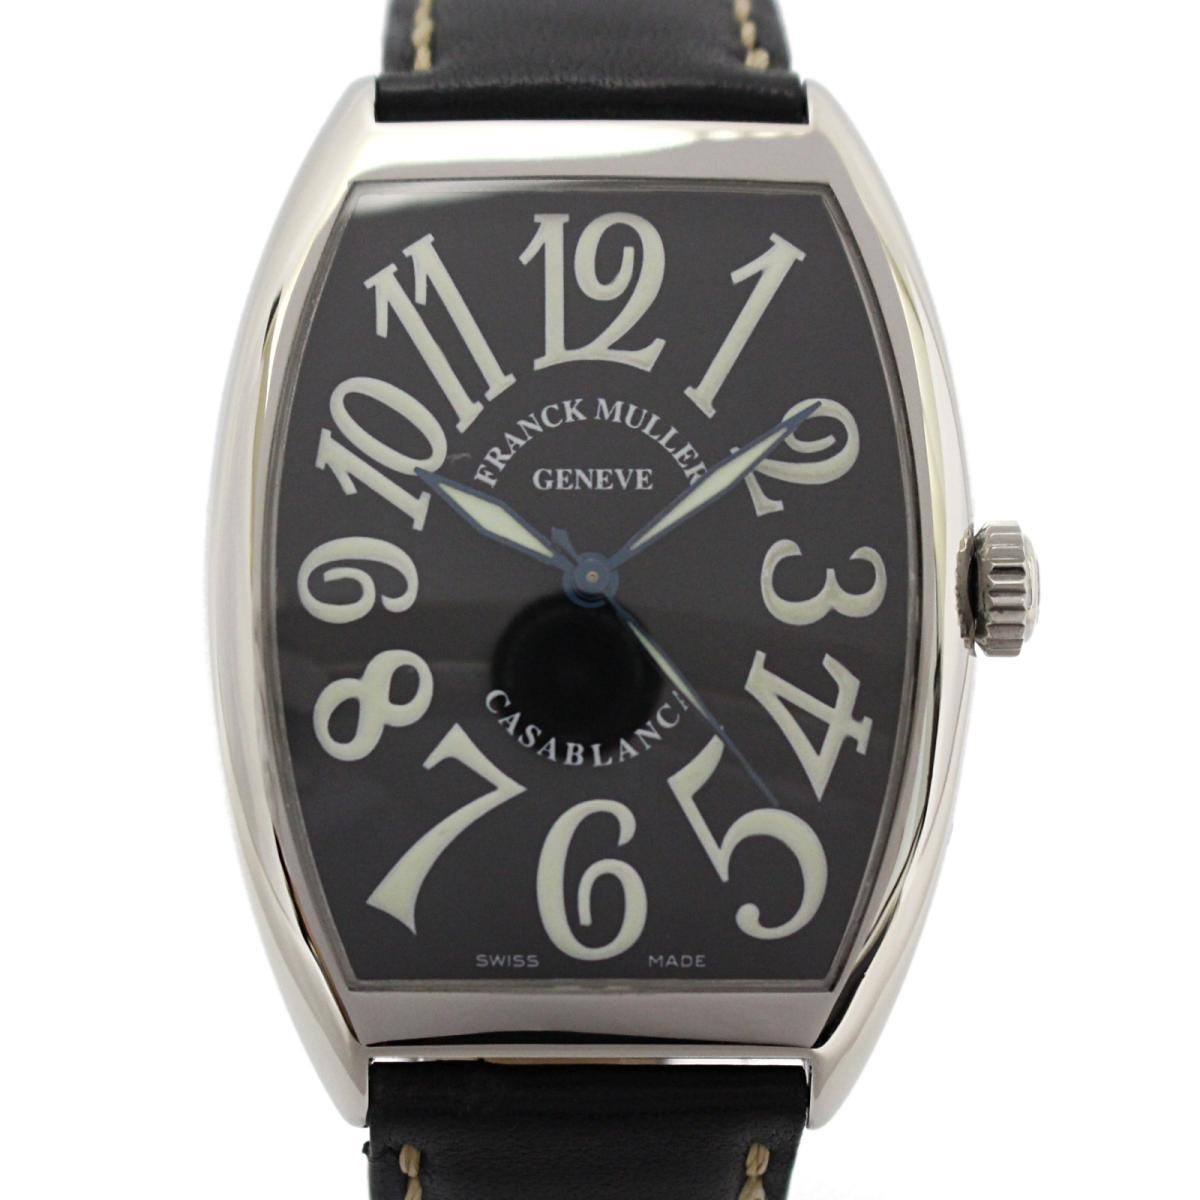 【中古】 フランク・ミュラー カサブランカ メンズウォッチ 腕時計 メンズ ステンレススチール (SS) x レザーベルト (6850)   FRANCK MULLER オートマチック 自動巻き 時計 カサブランカ 美品 ブランドオフ